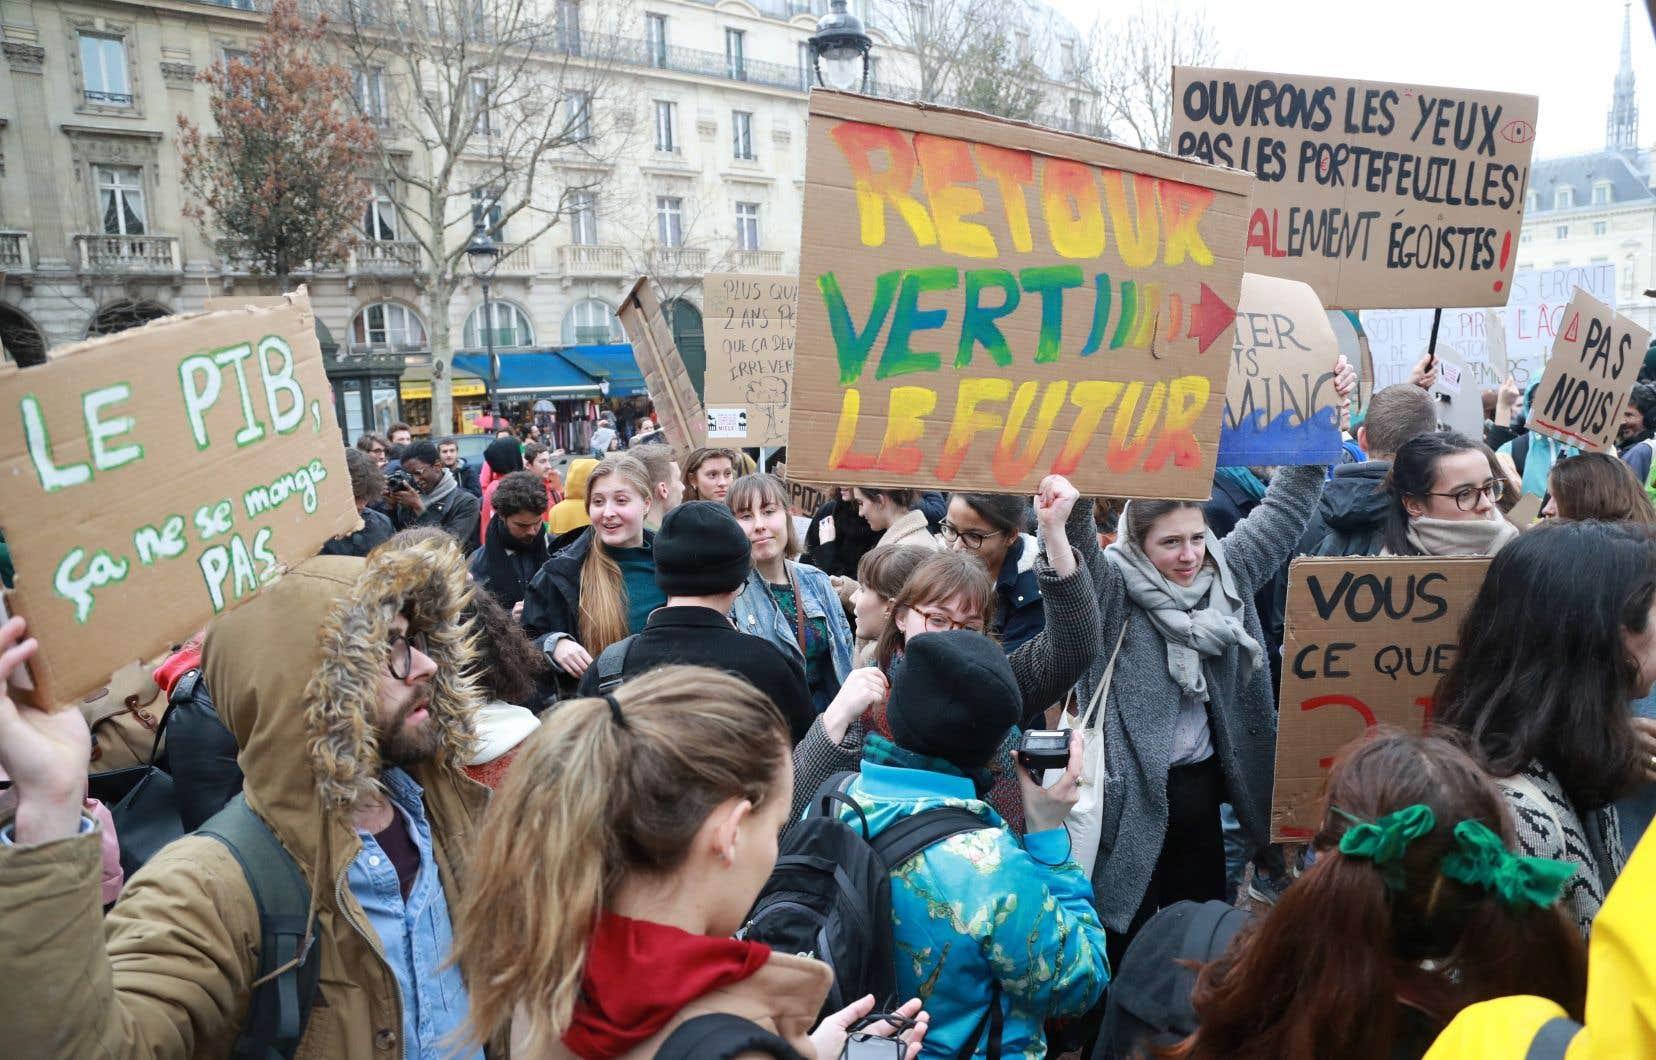 Le mouvement de grève pour le climat qui atteint maintenant le Québec s'est propagé en Europe ces derniers mois.